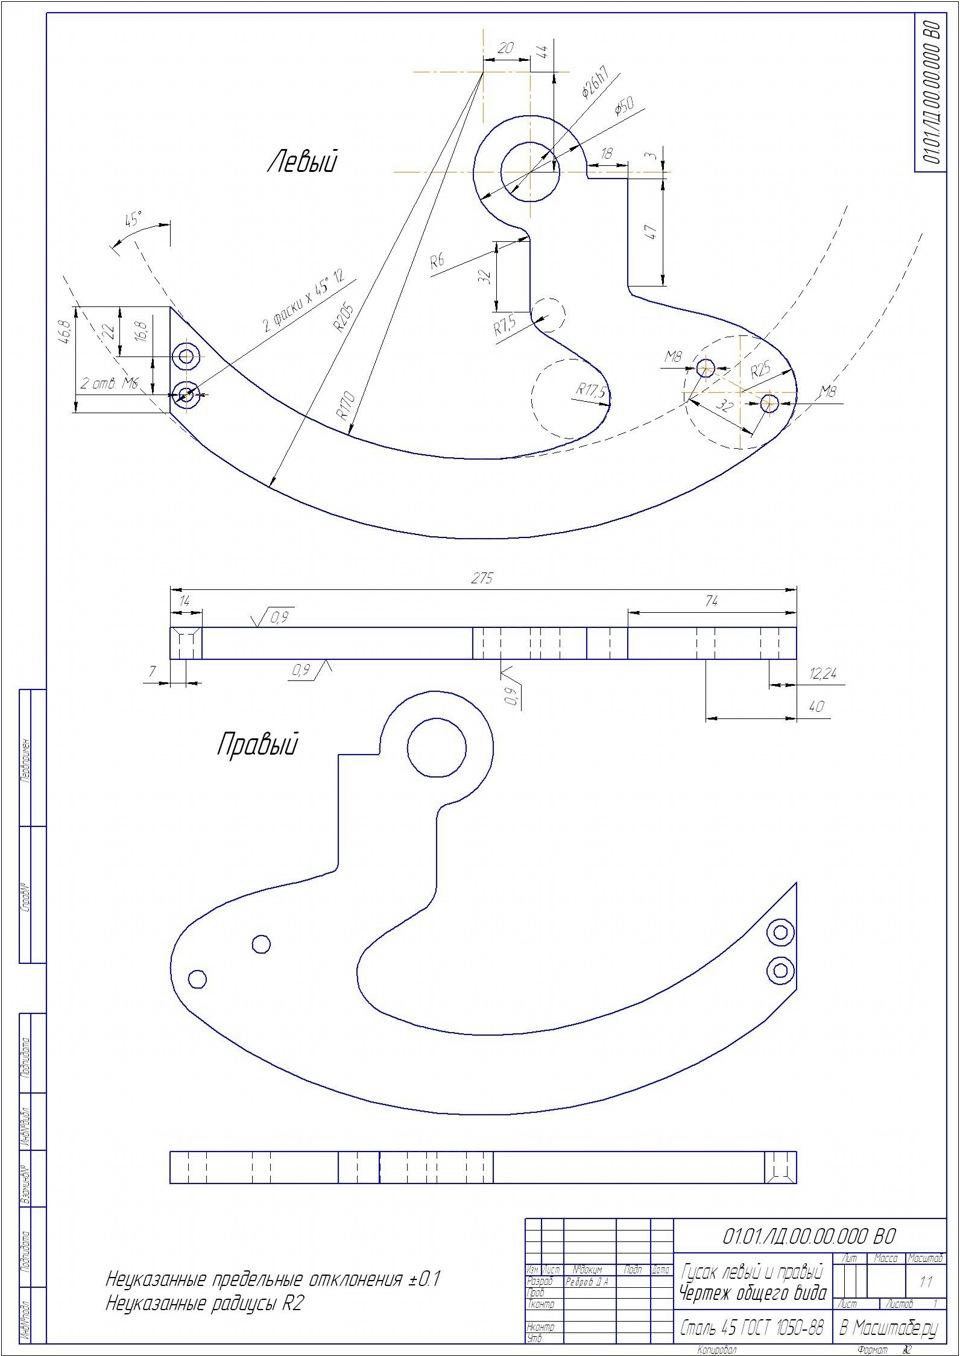 Чертеж ламбо петель на ваз 2109 - Хордиальные медогонки фото чертеж.